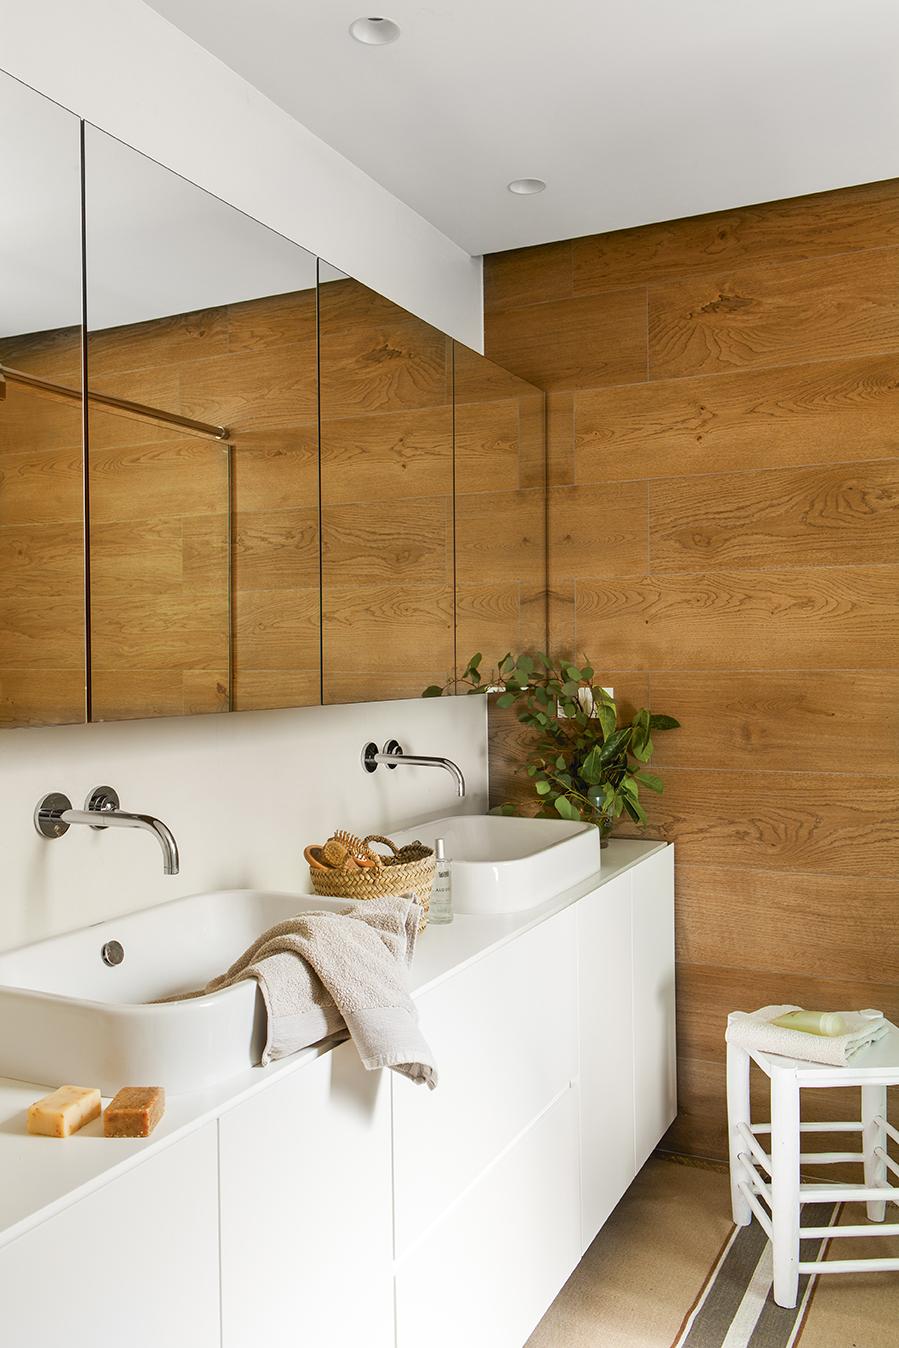 Suelo ceramica imitacion madera free suelo porcelnico de imitacin a madera seattle with suelo - Suelo ceramica imitacion madera ...